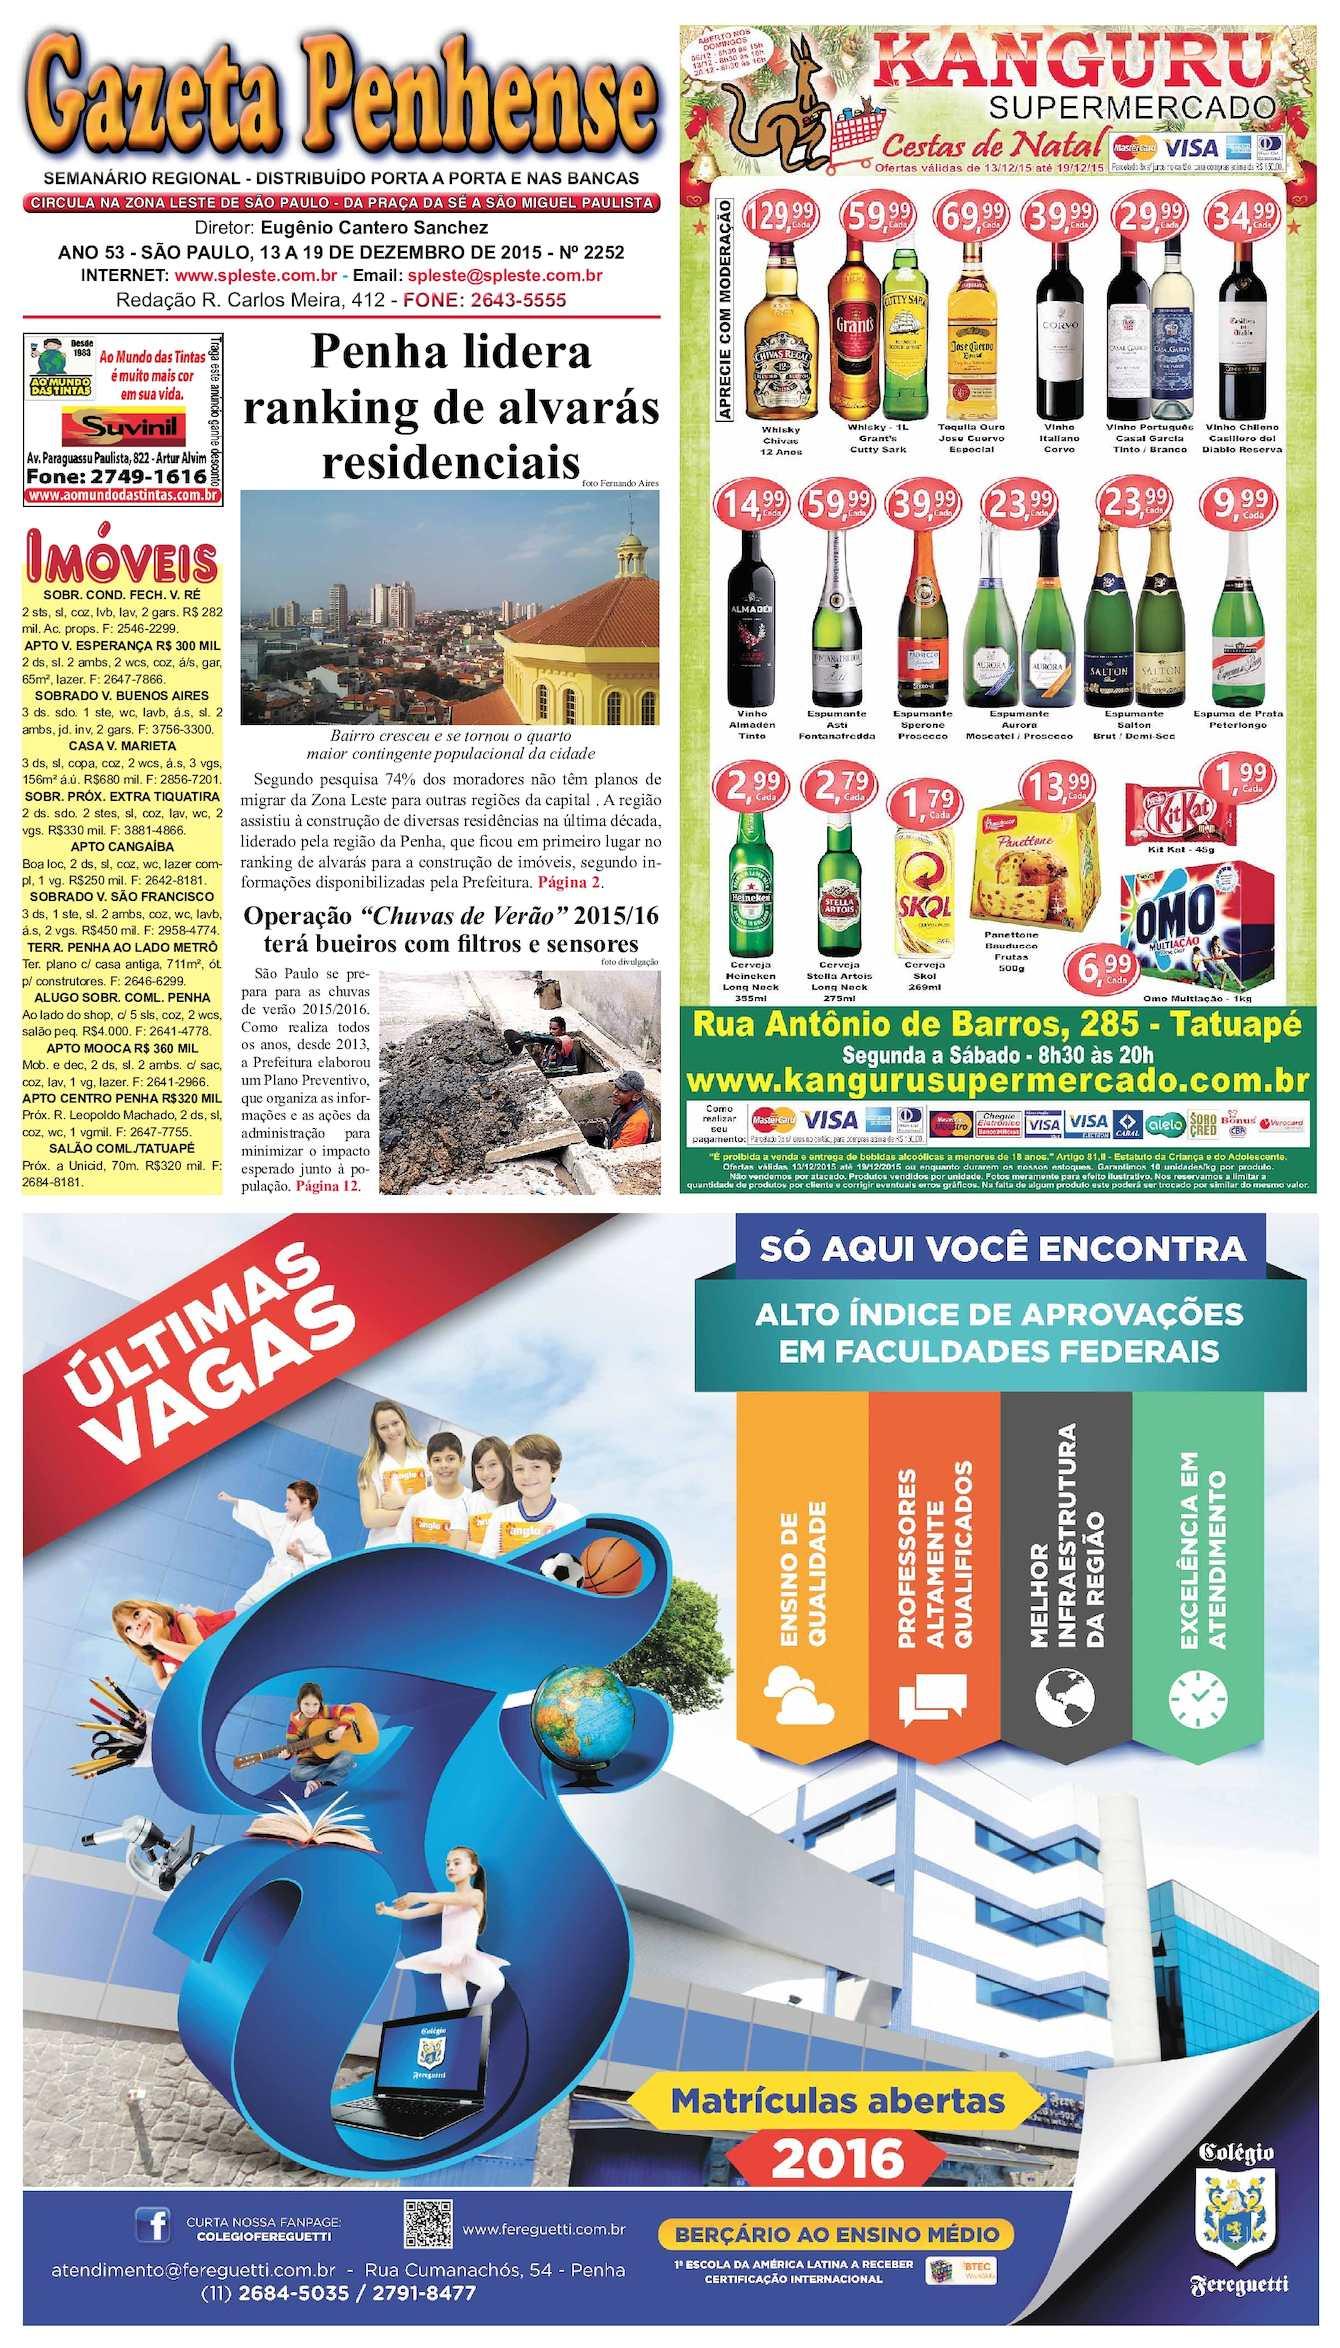 7499927da4ba6 Calaméo - Gazeta Penhense - edição 2252 - 13 a 19.12.15